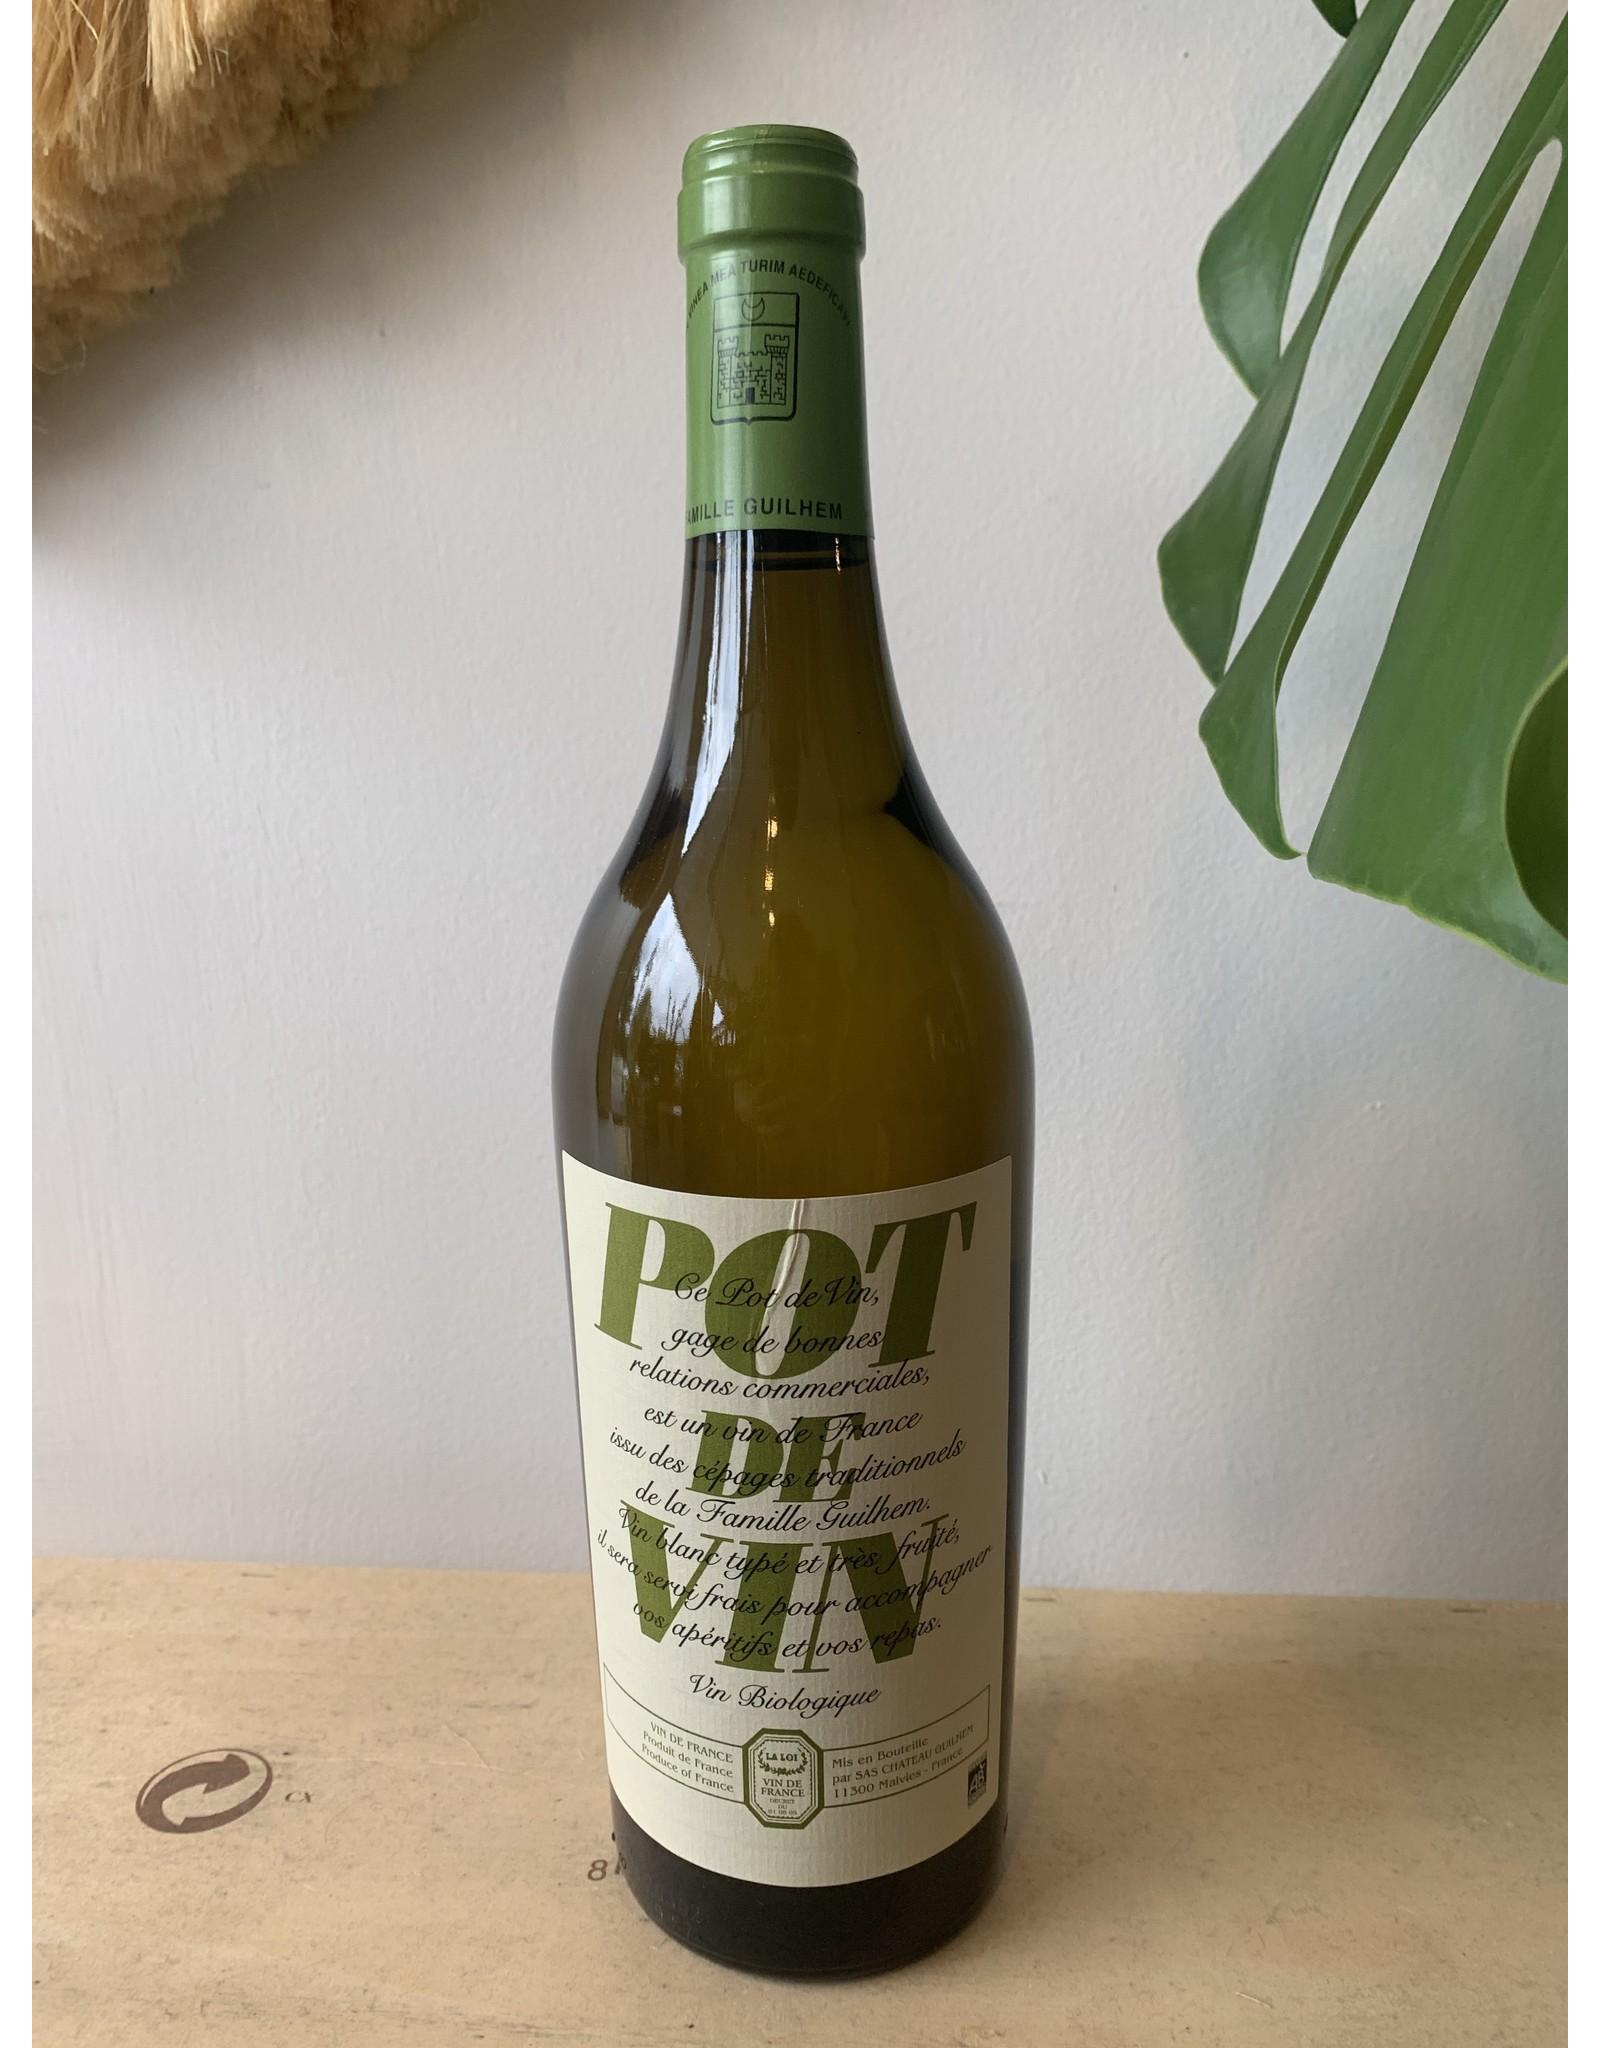 Pot de Vin Chardonnay 2019